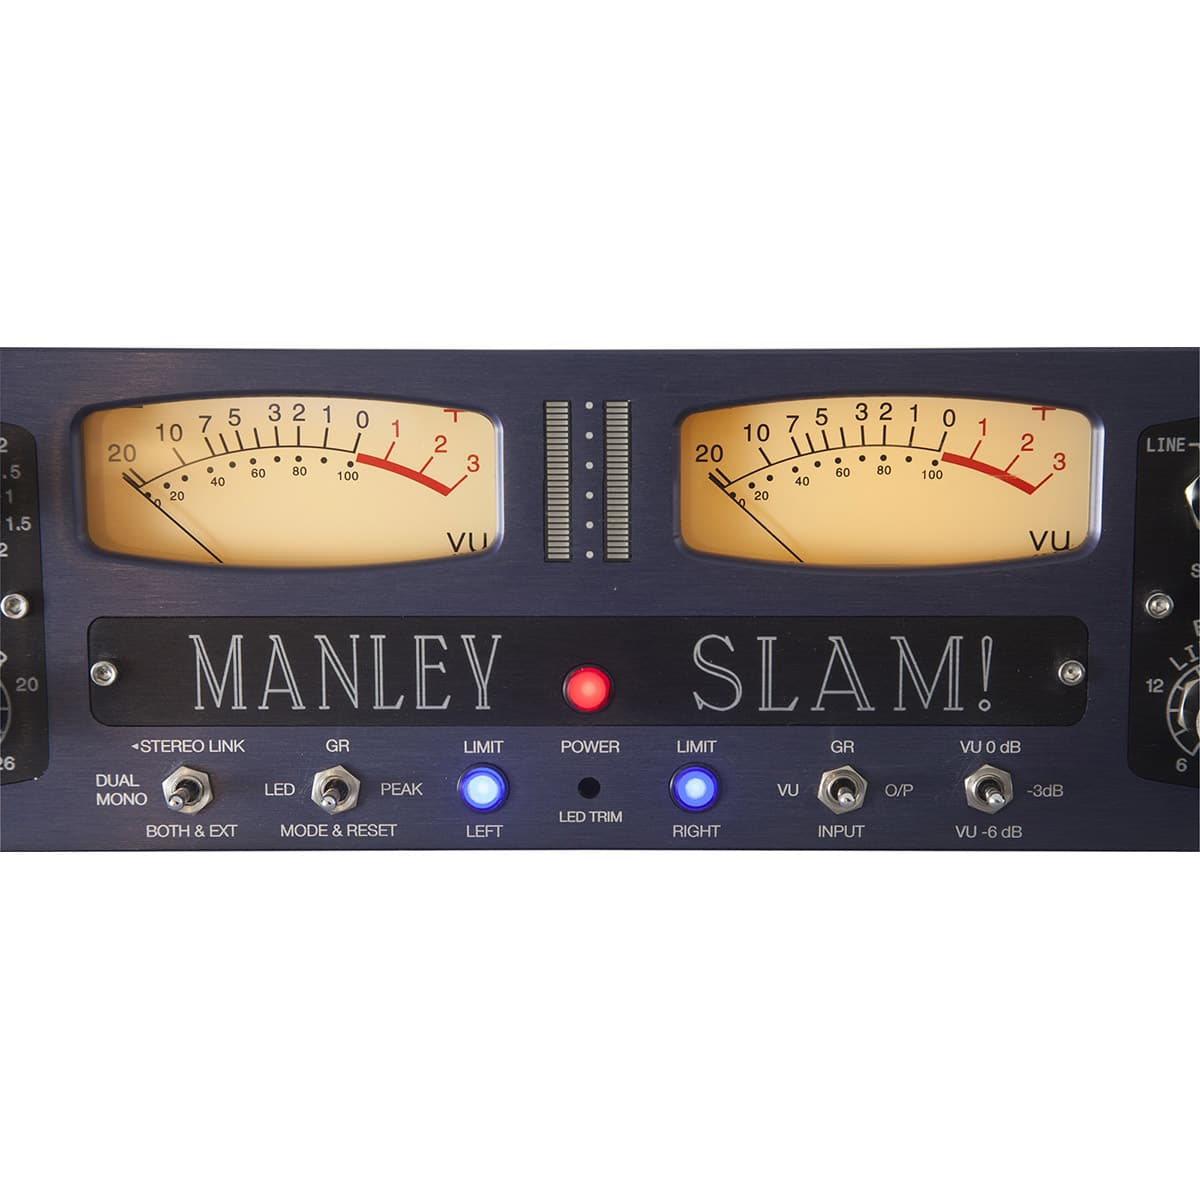 Manley Slam 04 Manley SLAM!